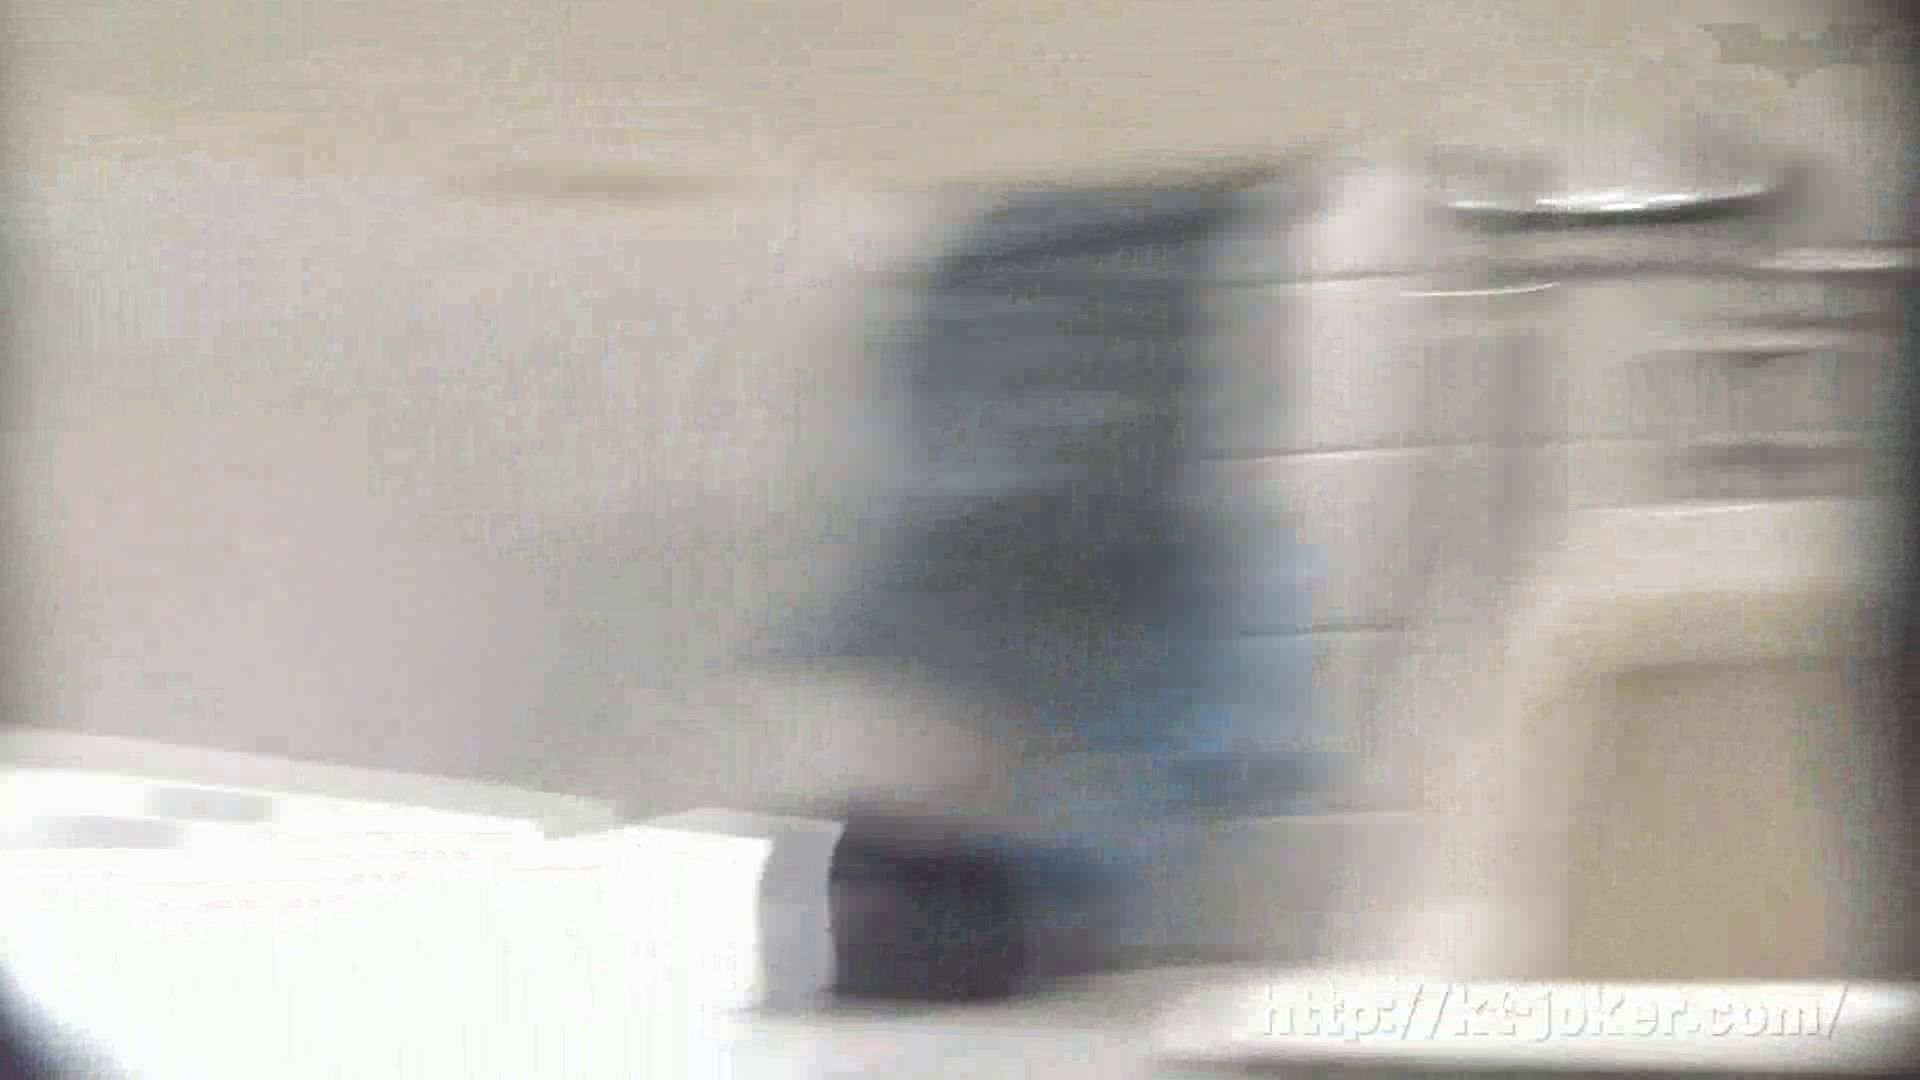 命がけ潜伏洗面所! vol.69 あのかわいい子がついフロント撮り実演 HなOL 戯れ無修正画像 91pic 62